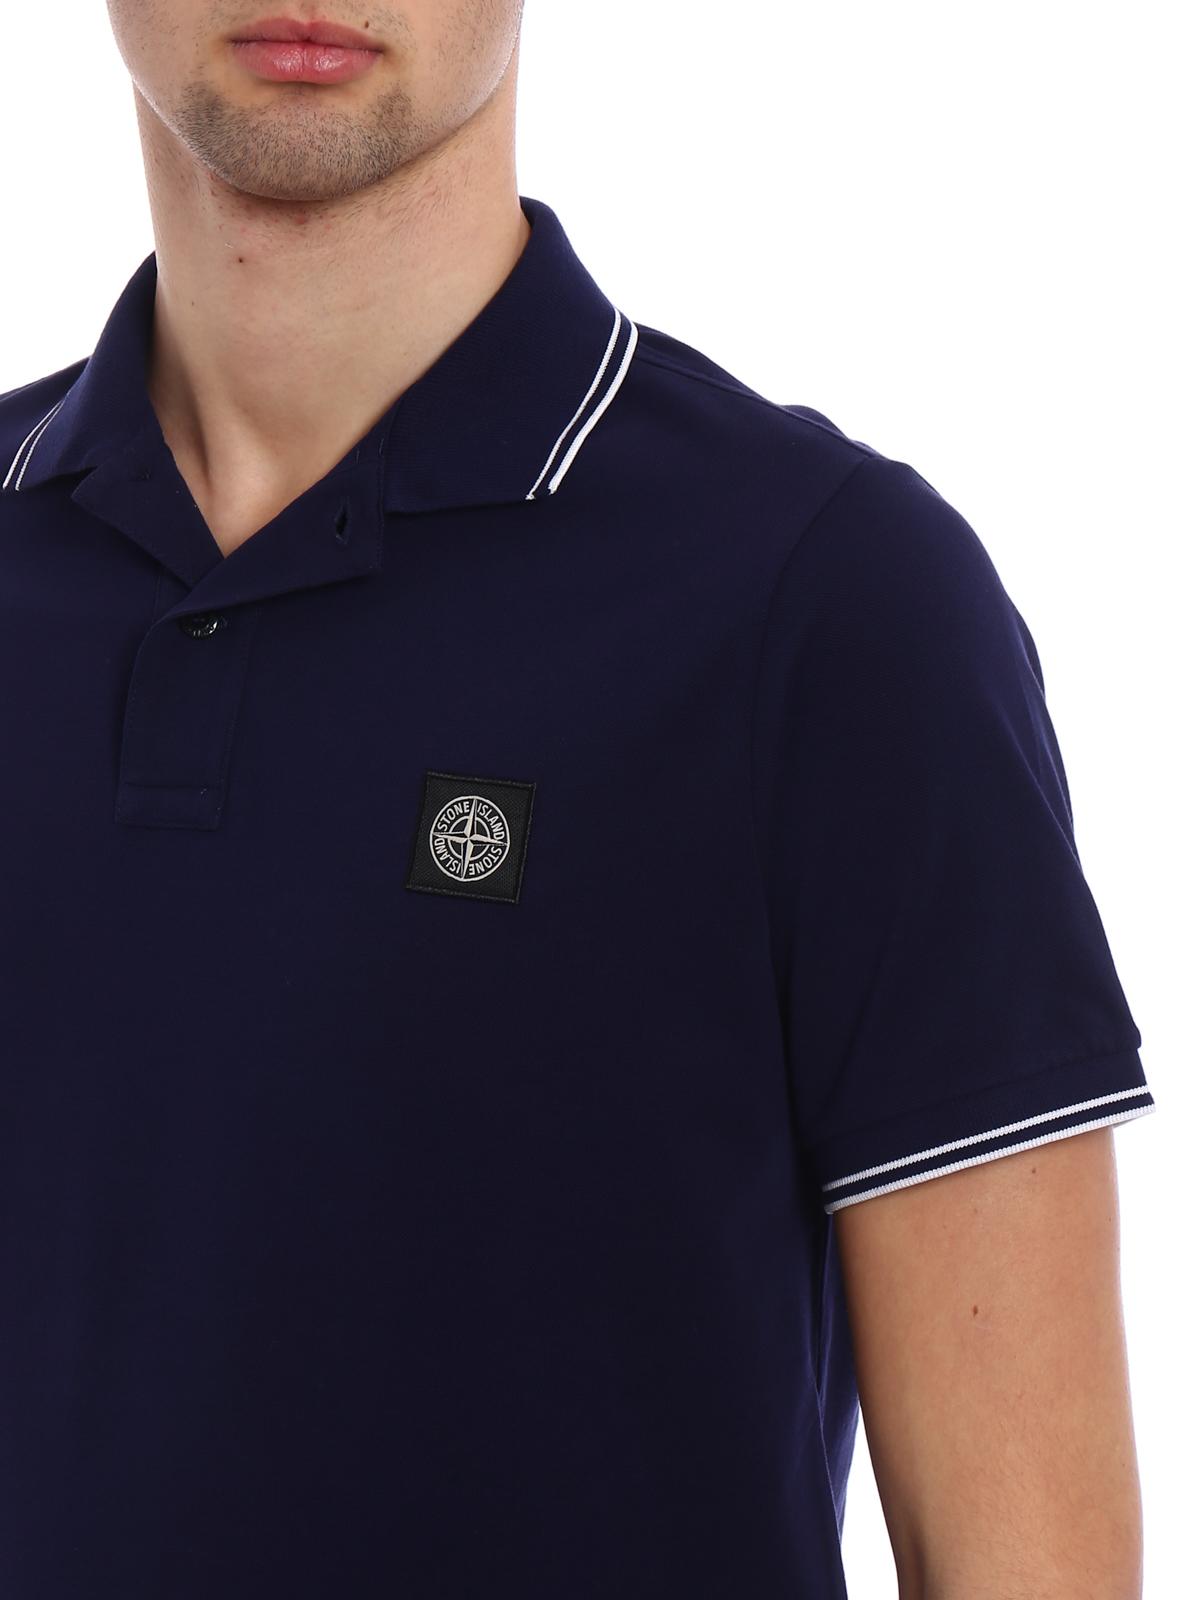 bdd84cc576f Stone Island - Blue slim fit polo shirt - polo shirts - 101522S18 V0026